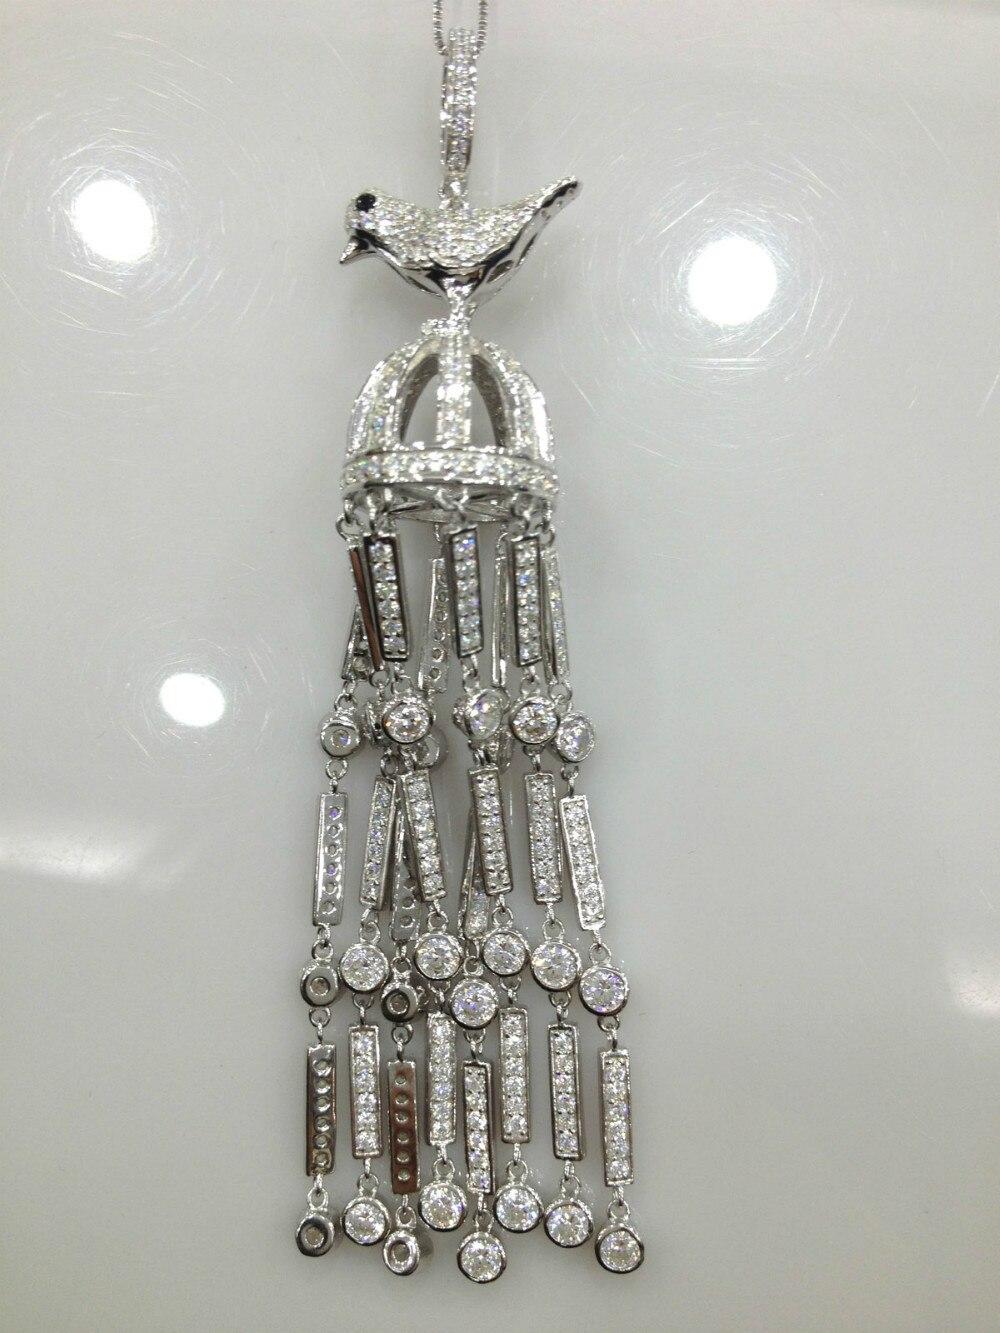 Résultats de bijoux d'oiseaux pendentif glands 925 en argent Sterling avec Zircon livraison gratuite accessoires de bijoux à bricoler soi-même de qualité supérieure